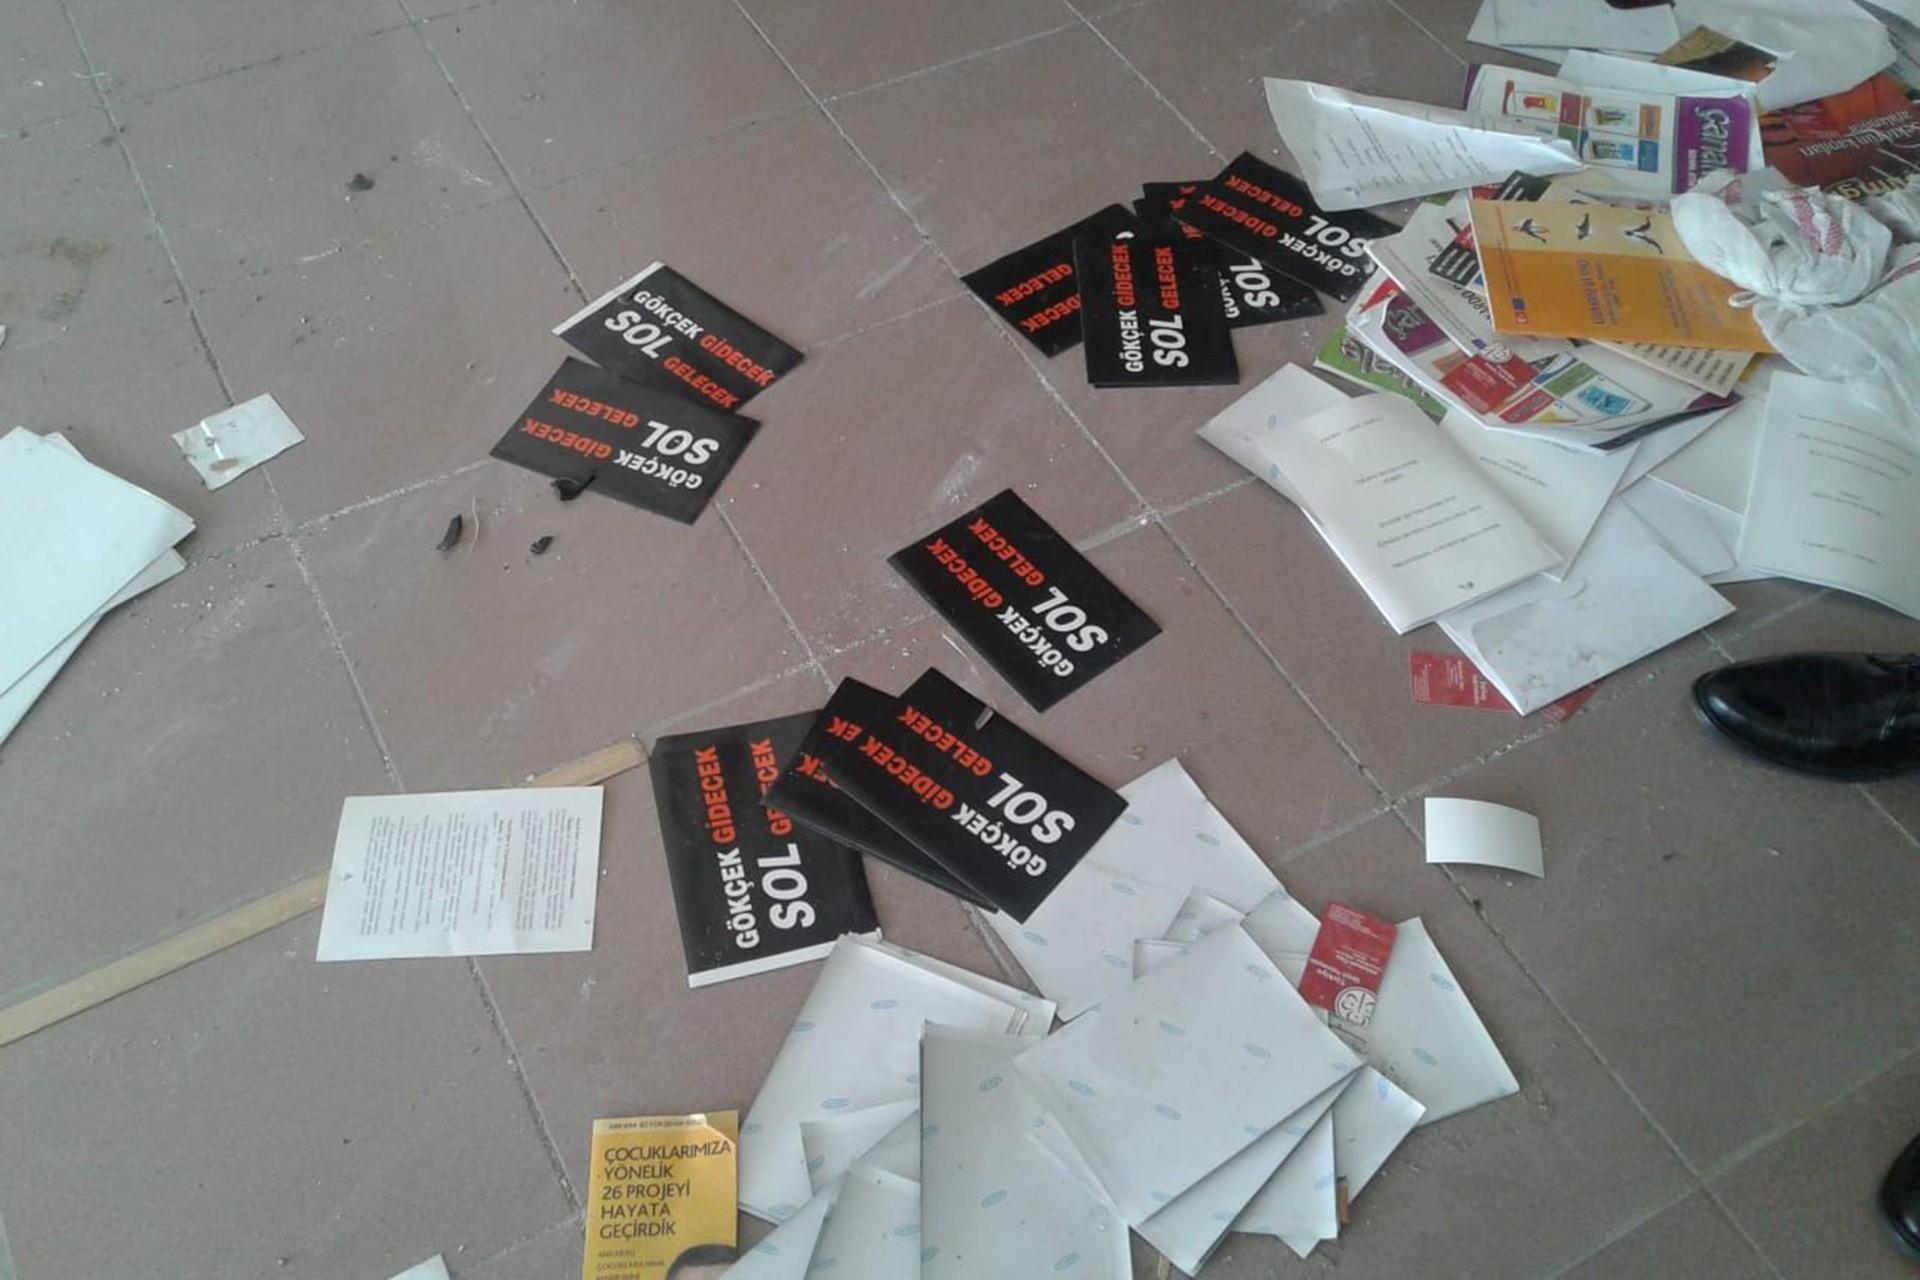 Ankara Büyükşehir Belediyesine ait depoda Gökçek'in provokatif broşürleri çıktı